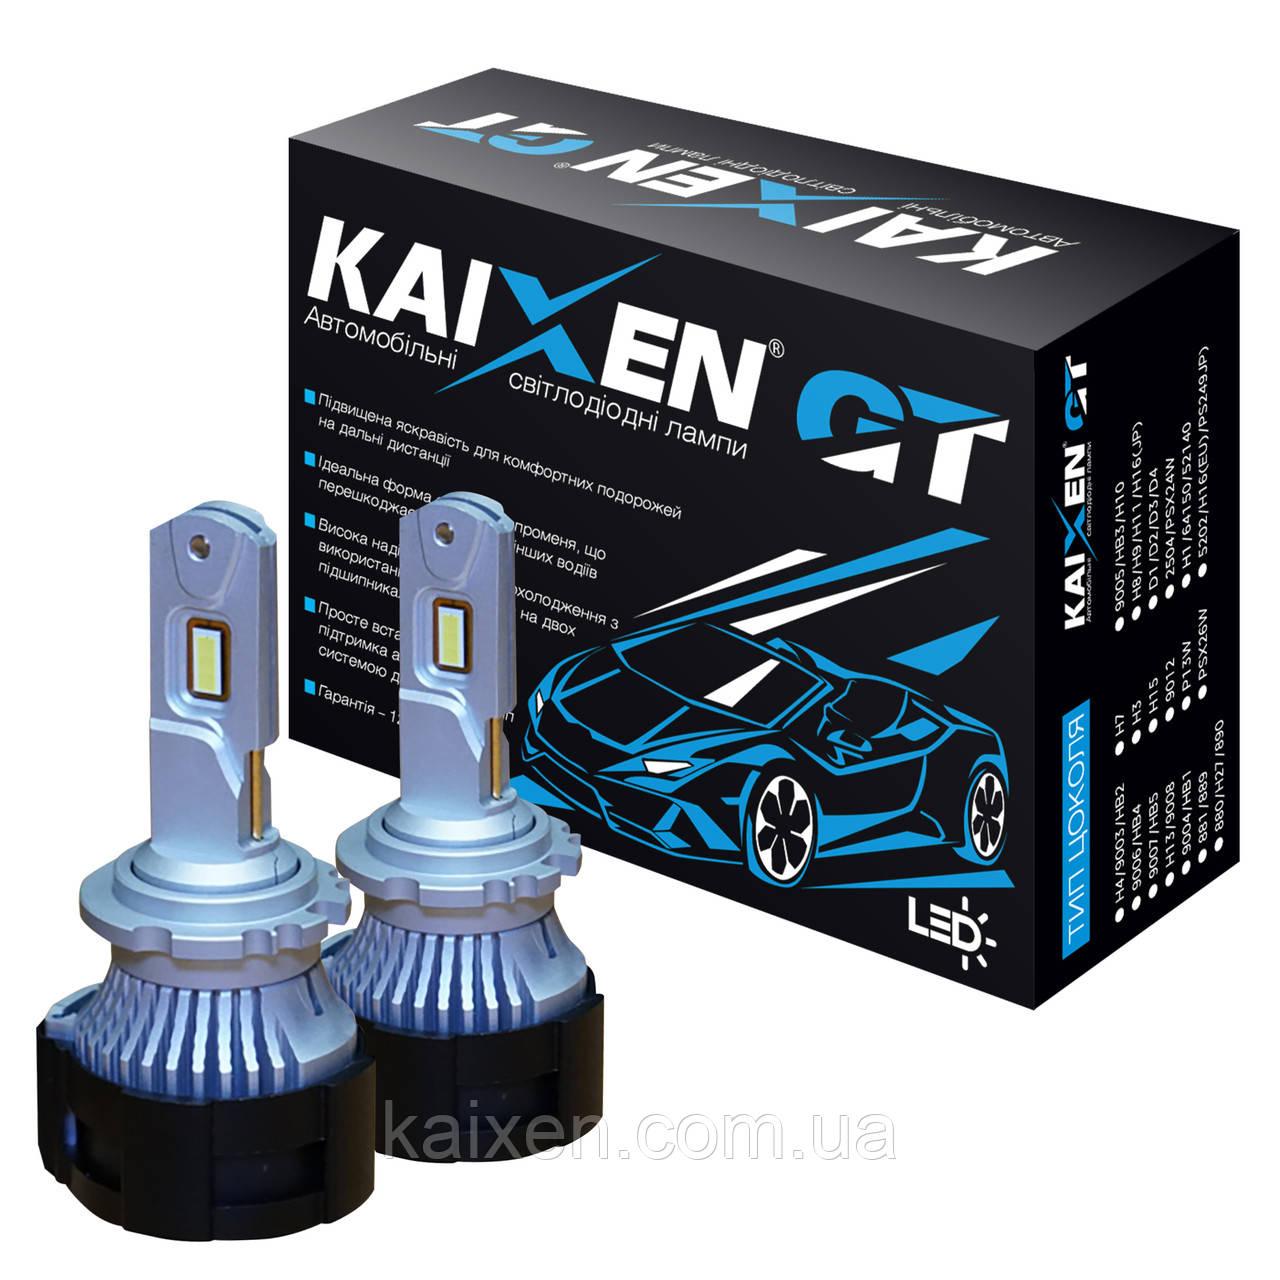 Светодиодные лампы D1S D2S D3S D4S 50W-6000K KAIXEN GT